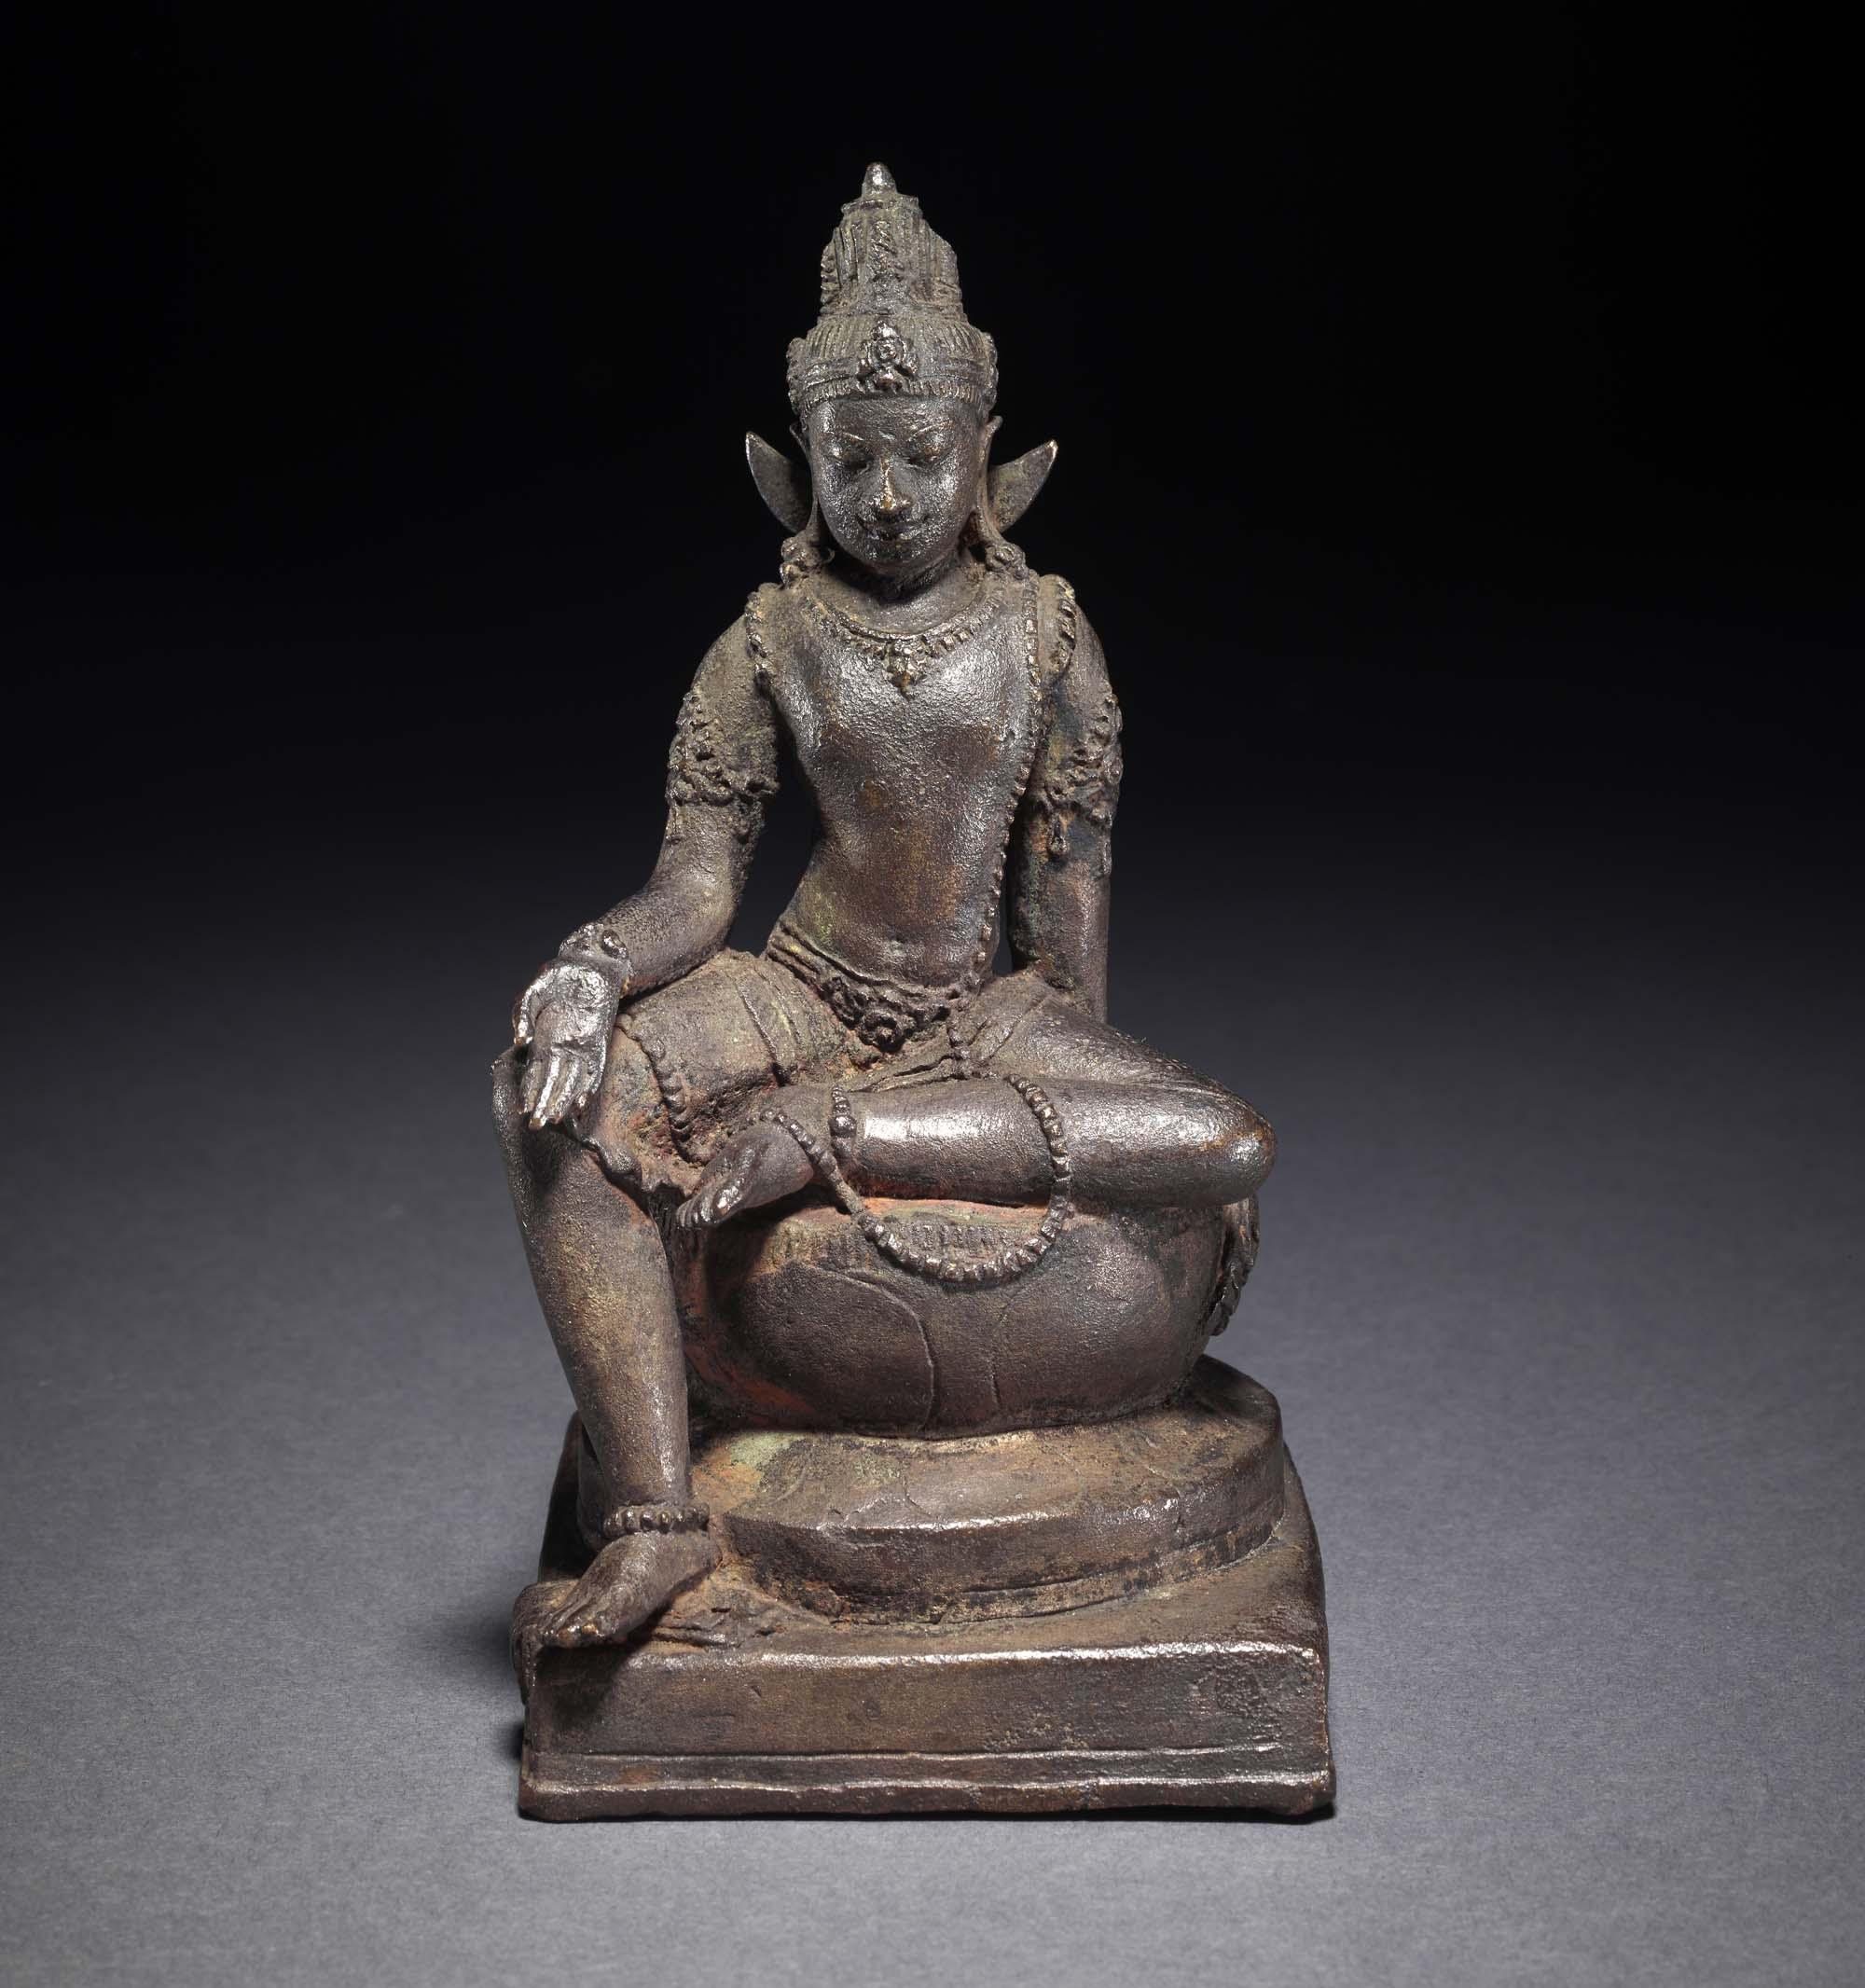 a classic bronze female Buddhist figurine